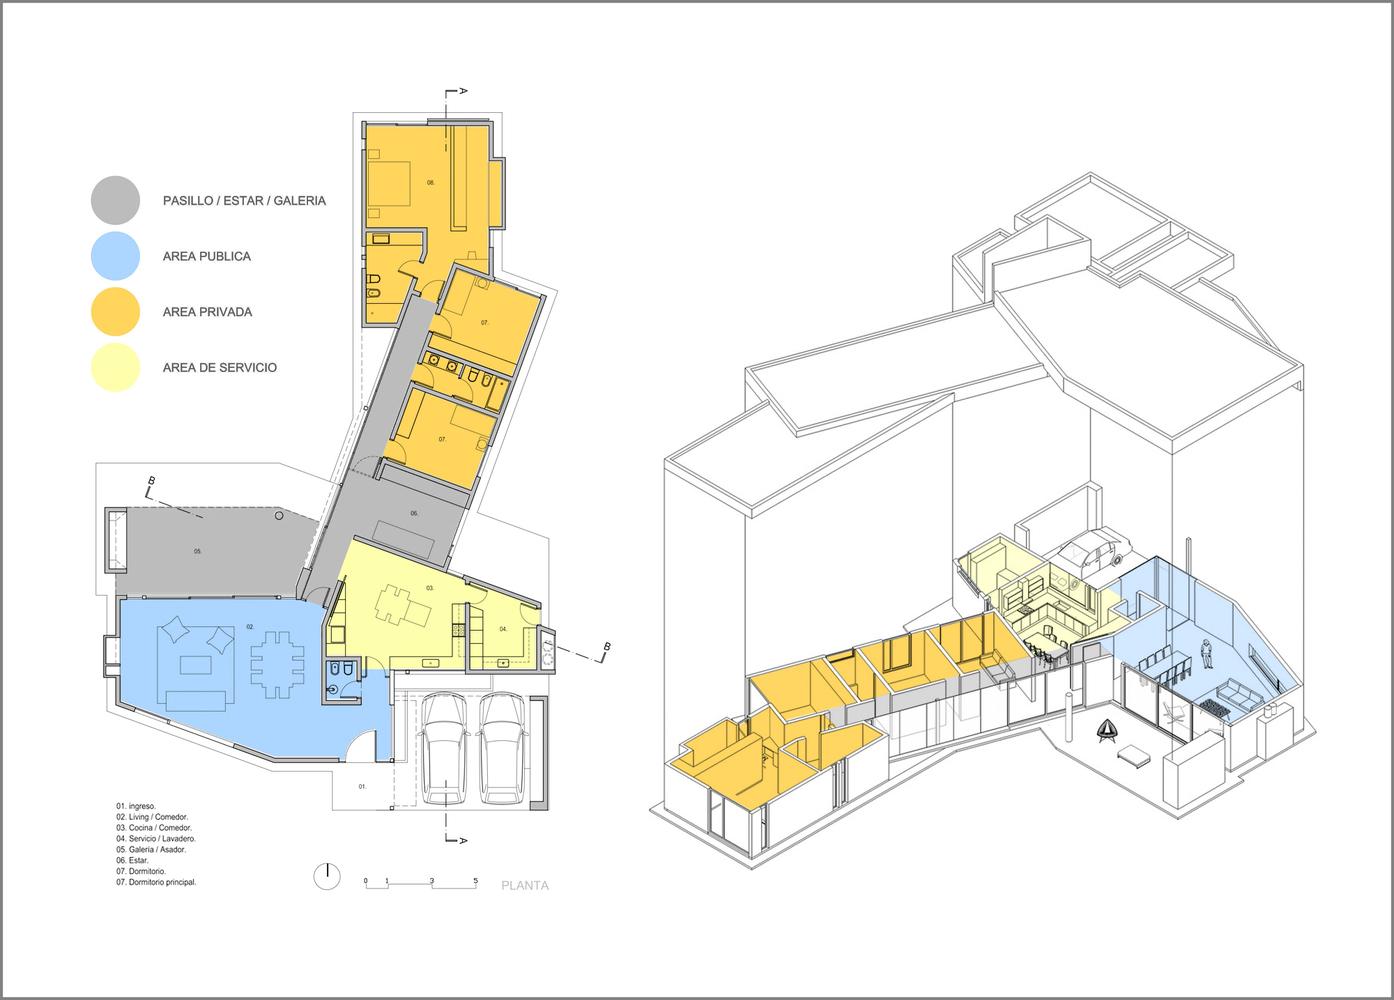 Esquemas funcionales: estrategias de organización programática en casas de Argentina,Casa en Cañuelas / Gastón Castellano. Image